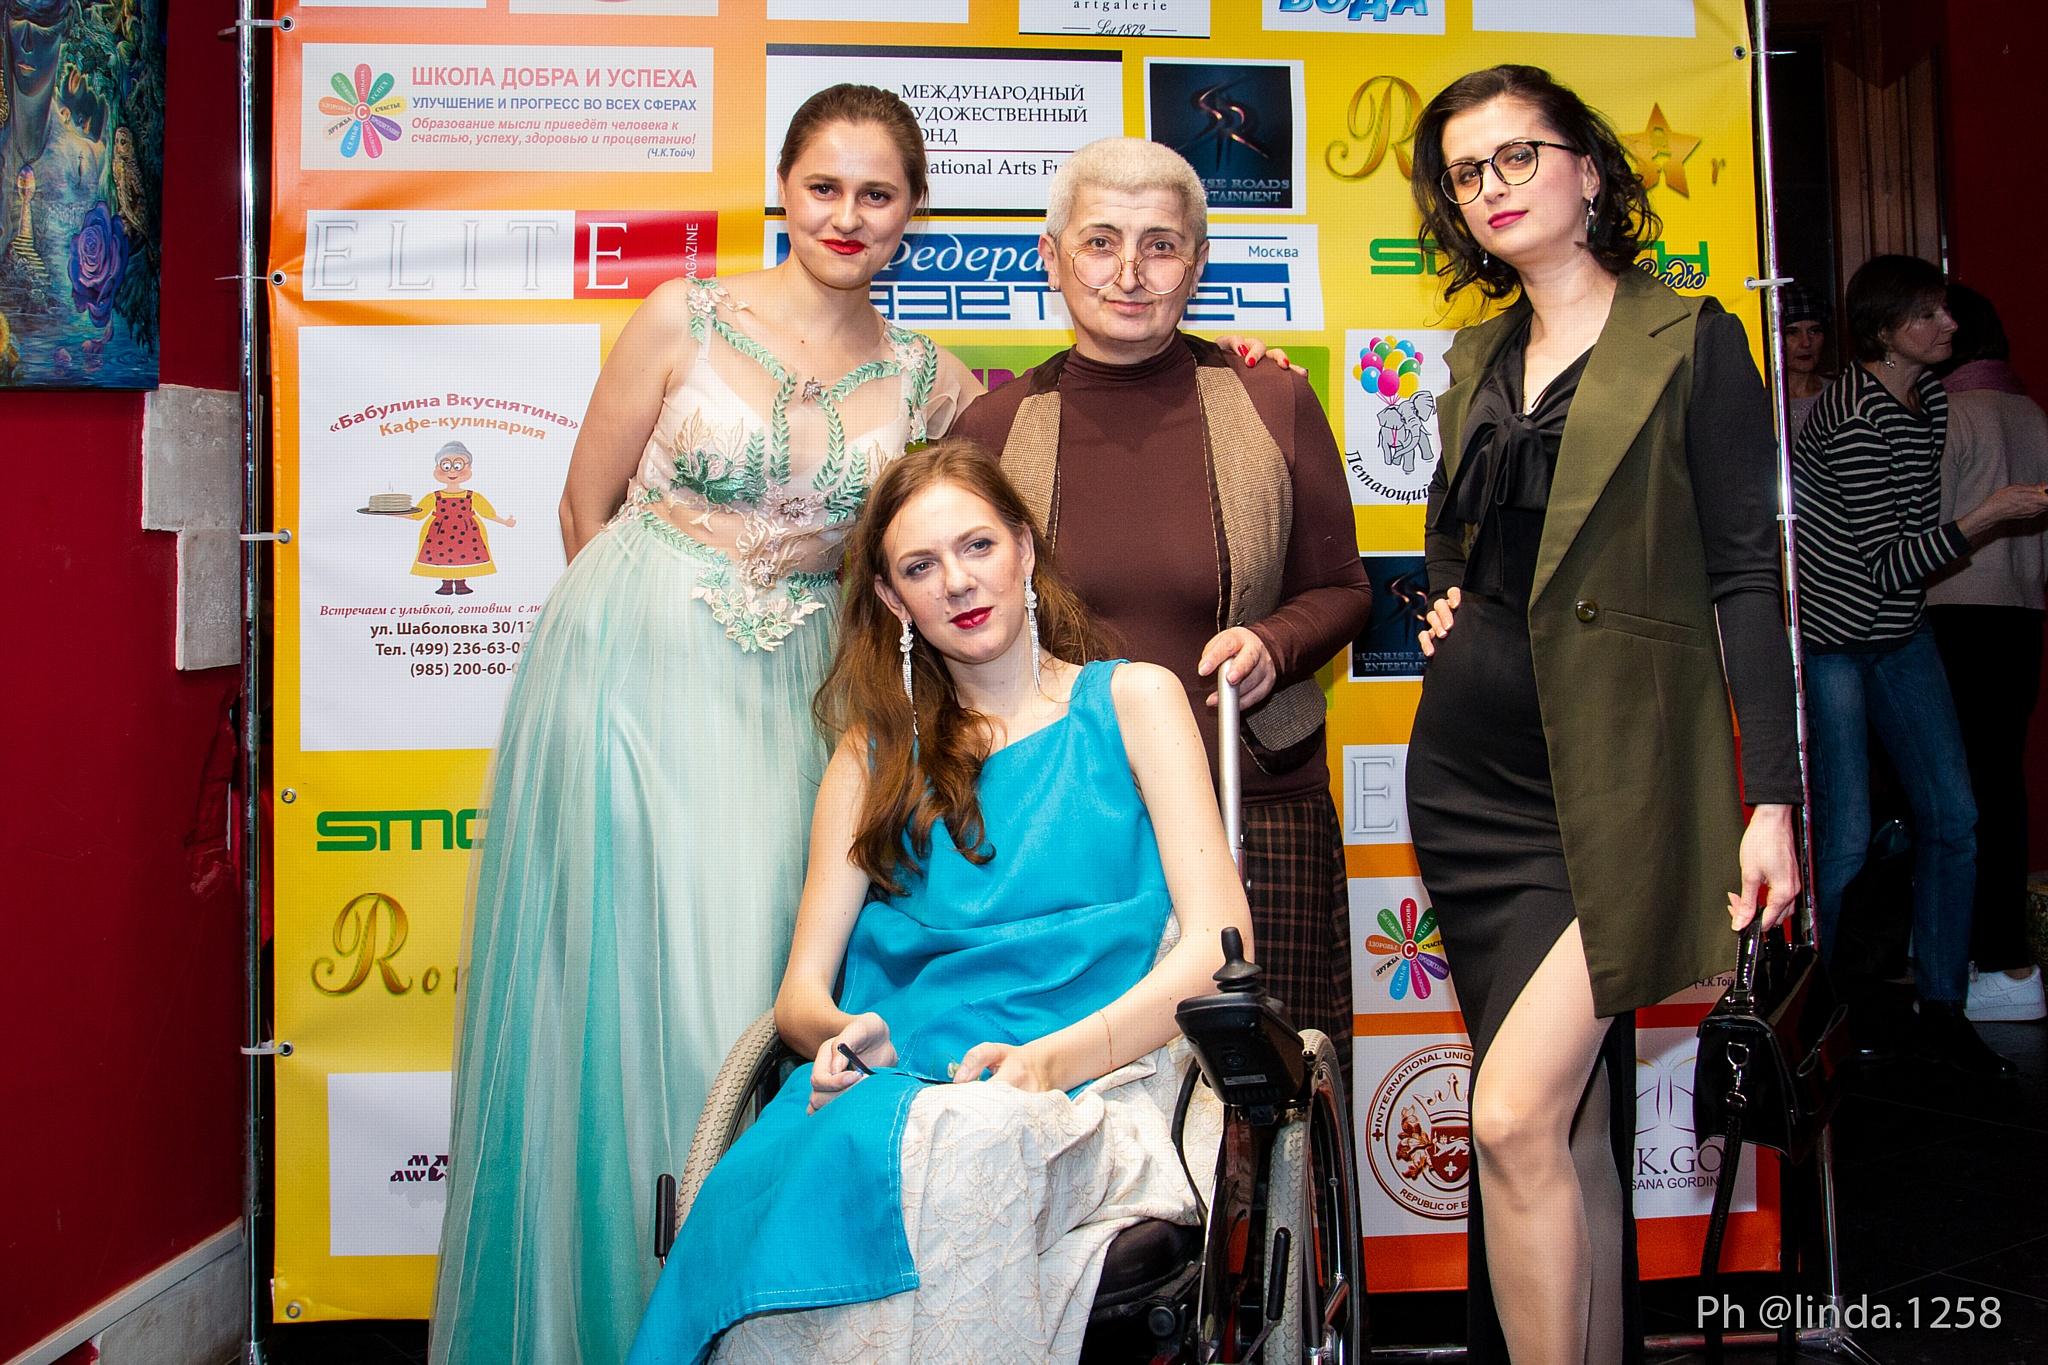 Юлия Исакова, Мария Штейнберг, Виктория Рэйес-Альмирас и участница инклюзивного показа.